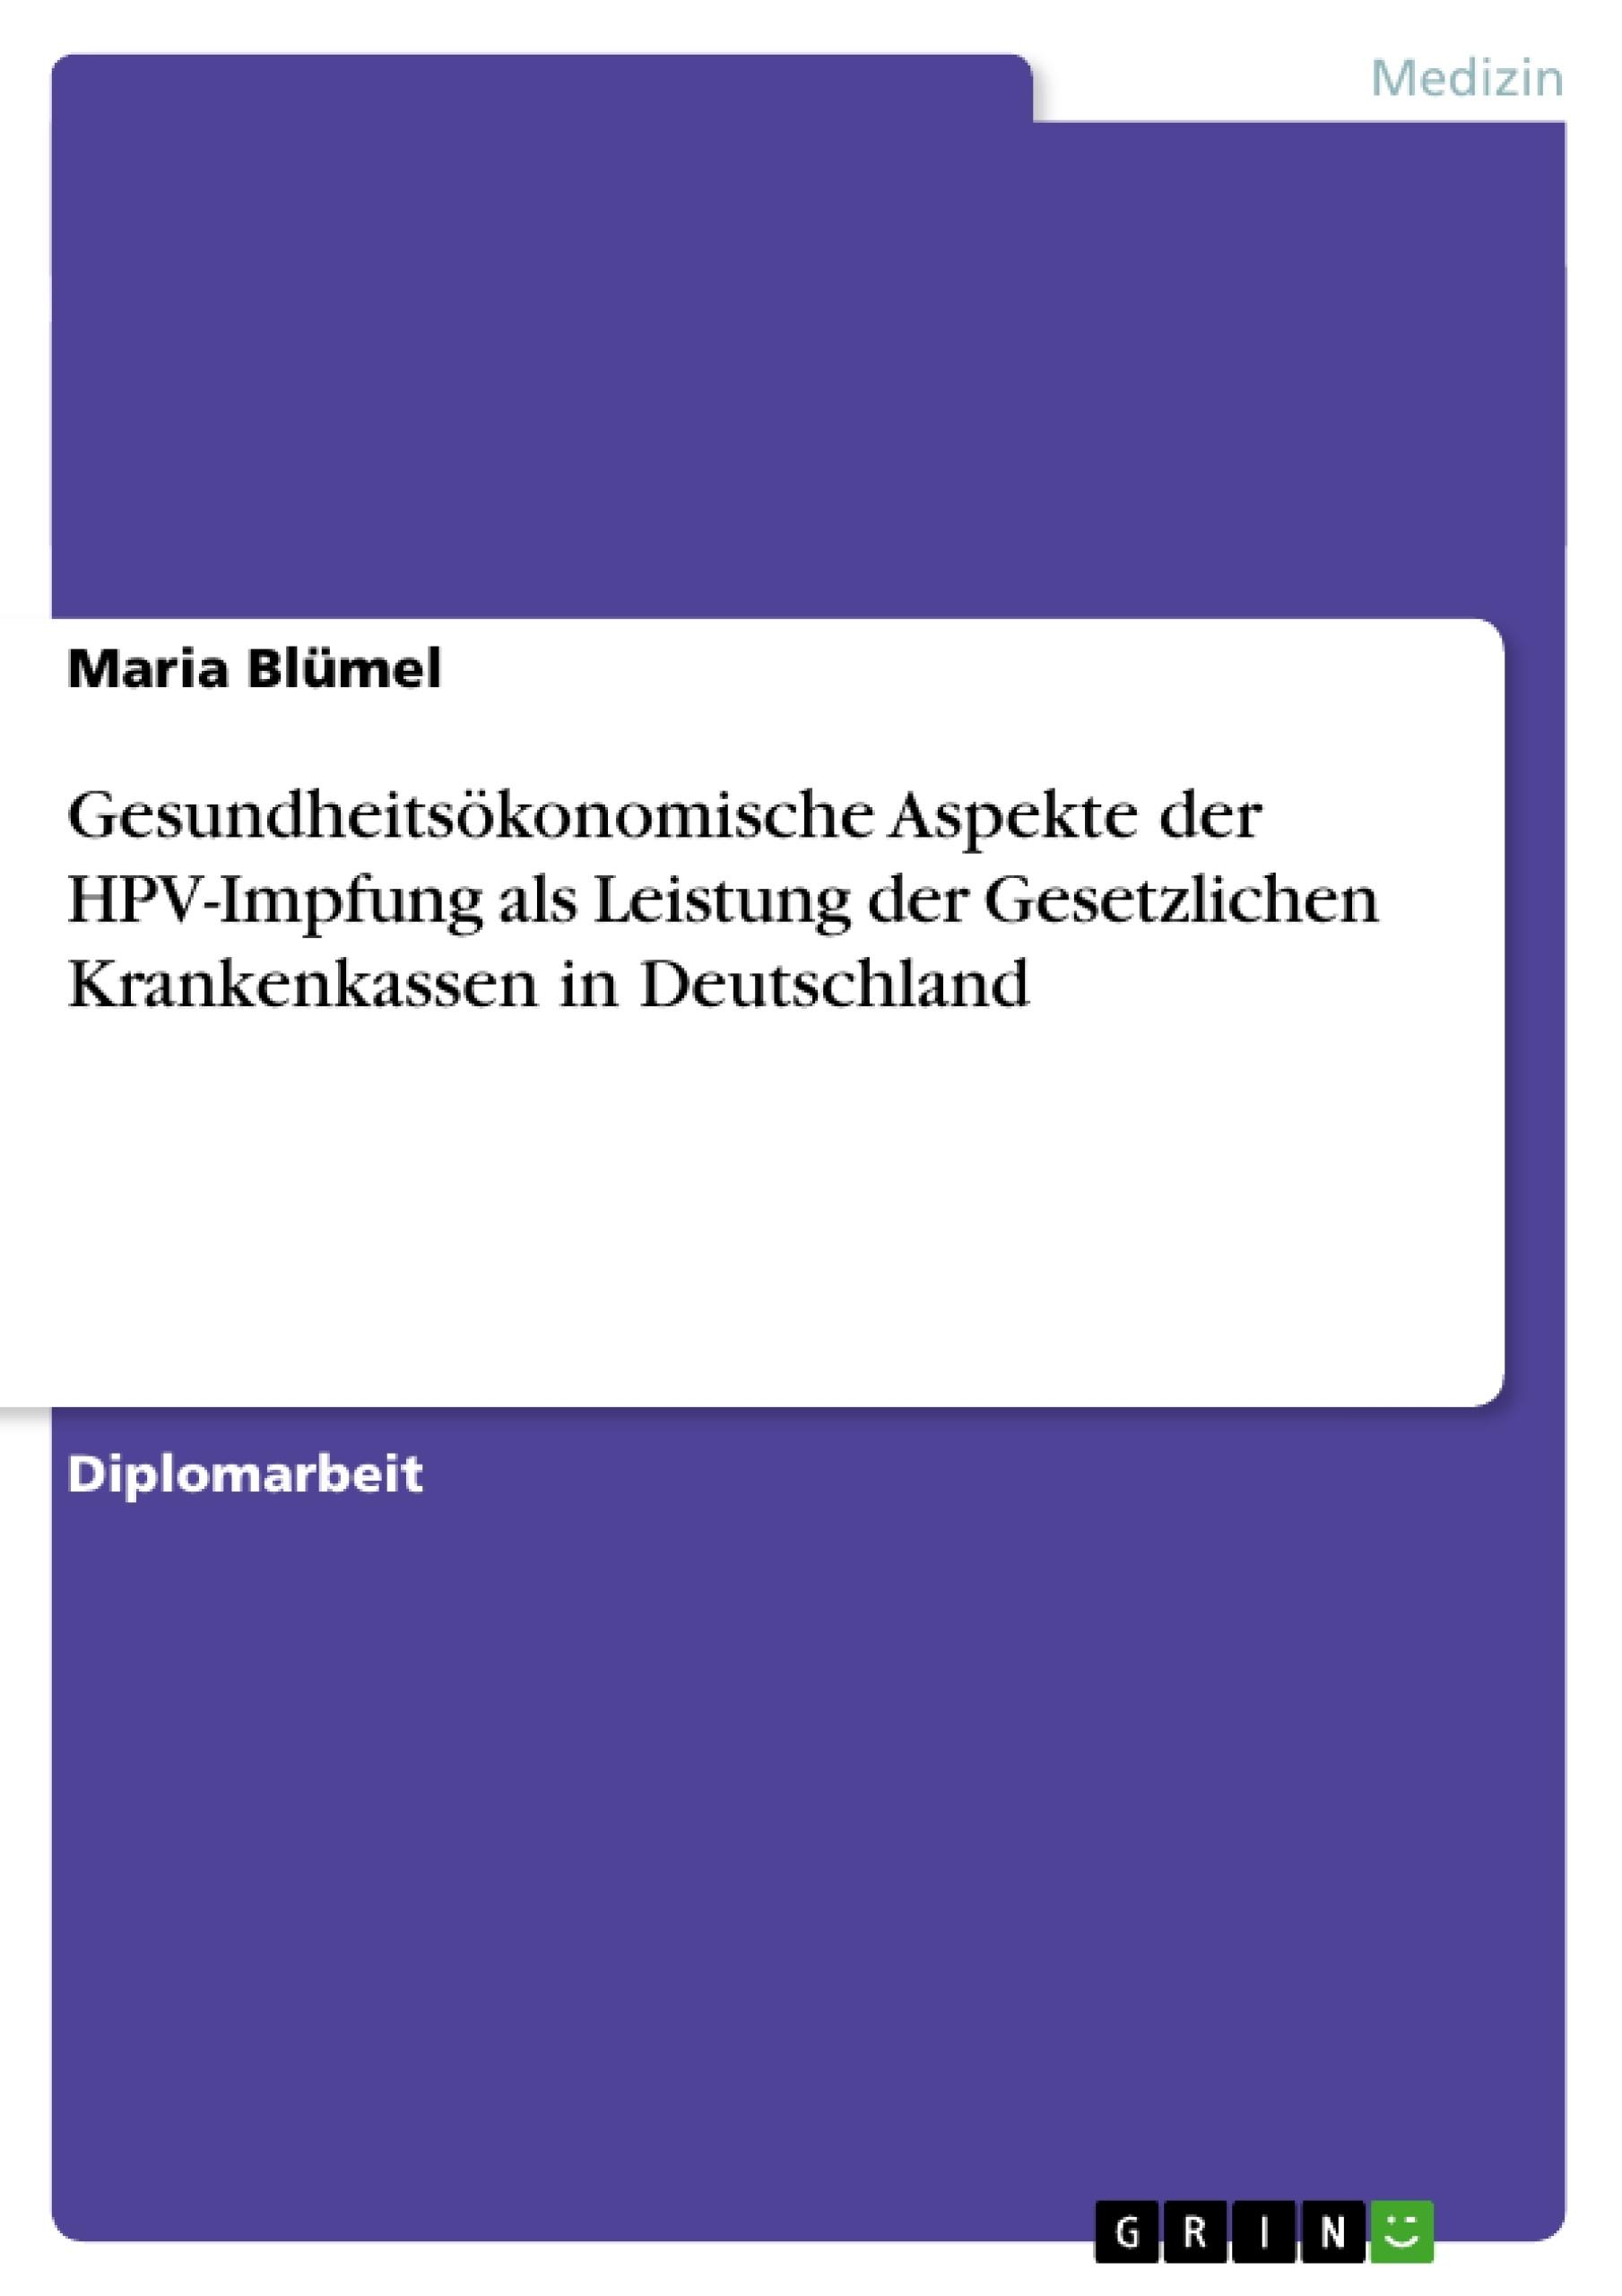 hpv impfung praparate)